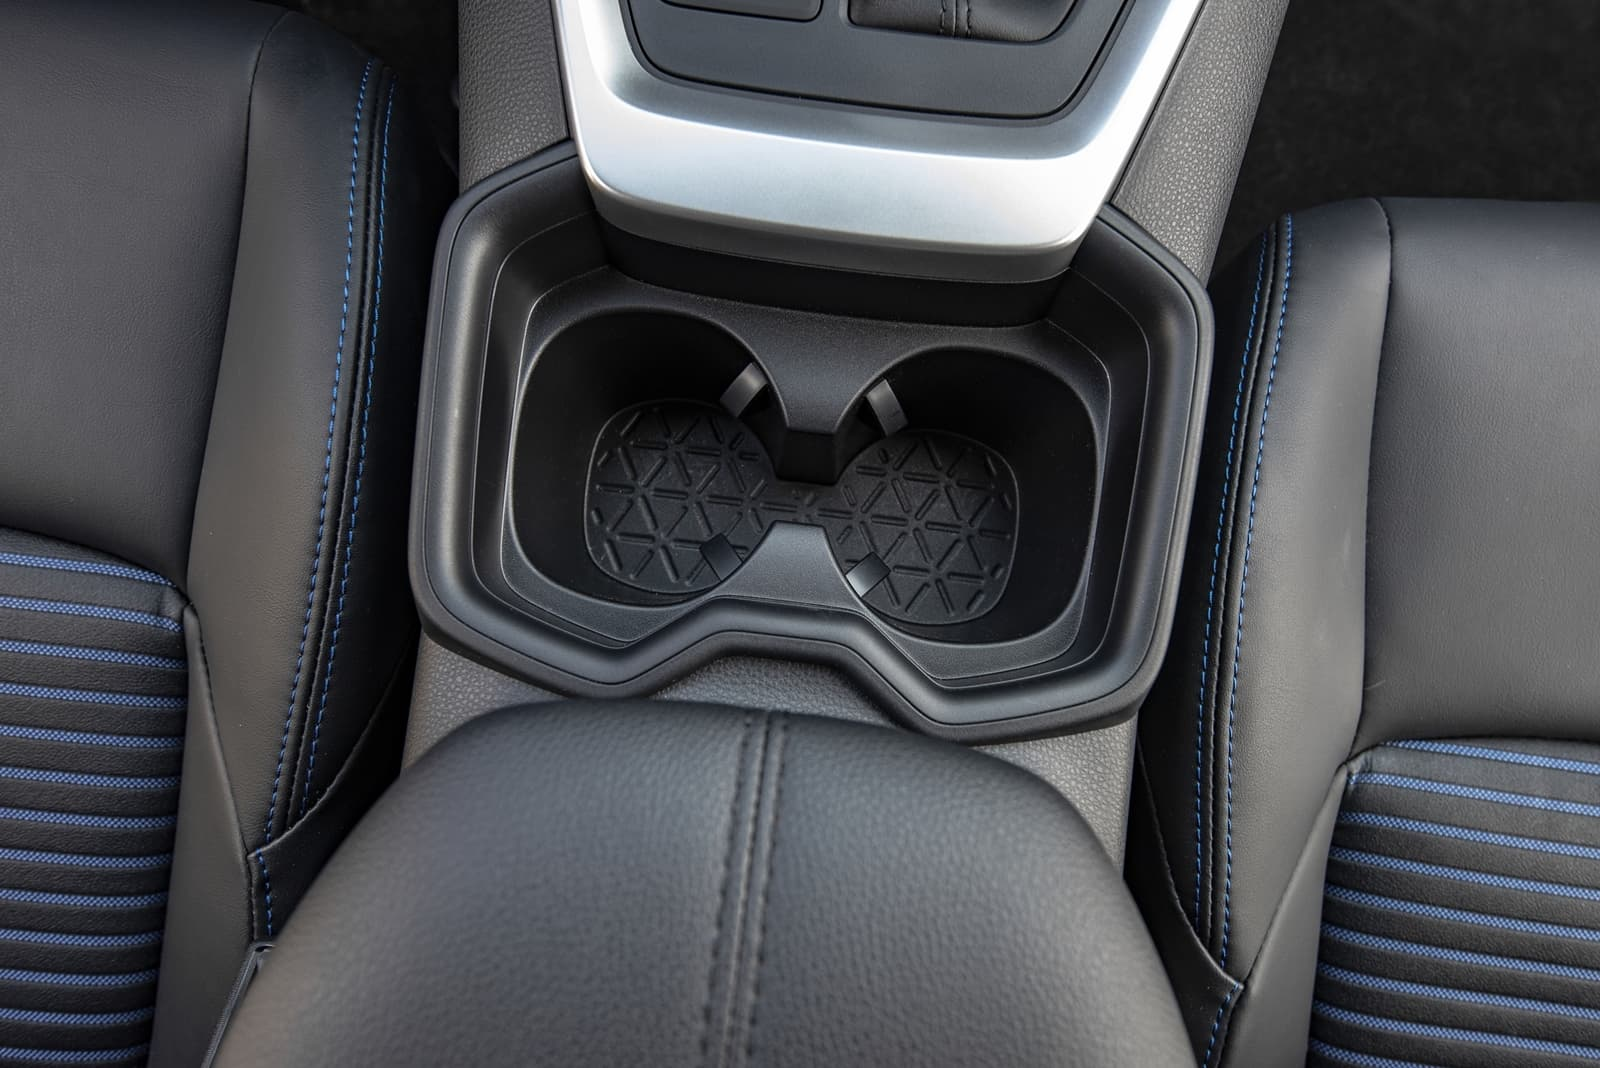 Toyota Rav4 2019 0119 026